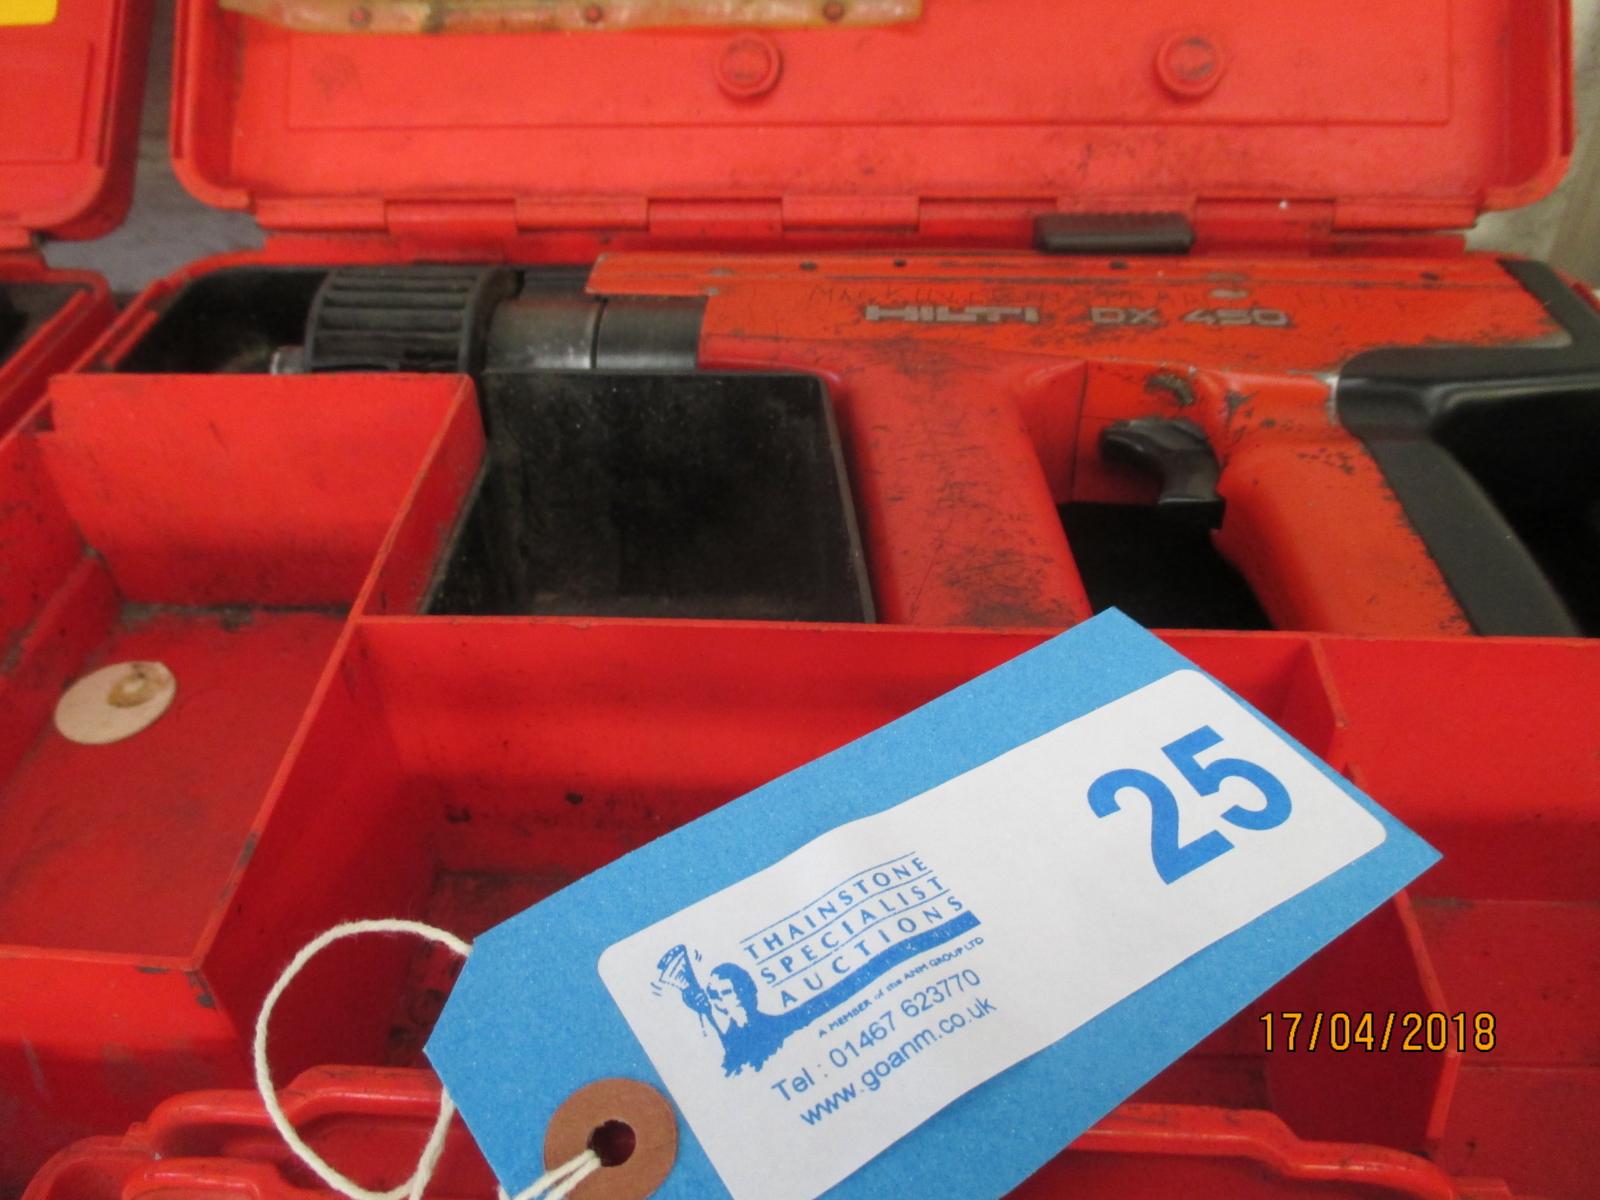 Lot 25 - 1 No. Hilti DX450 Nail Gun